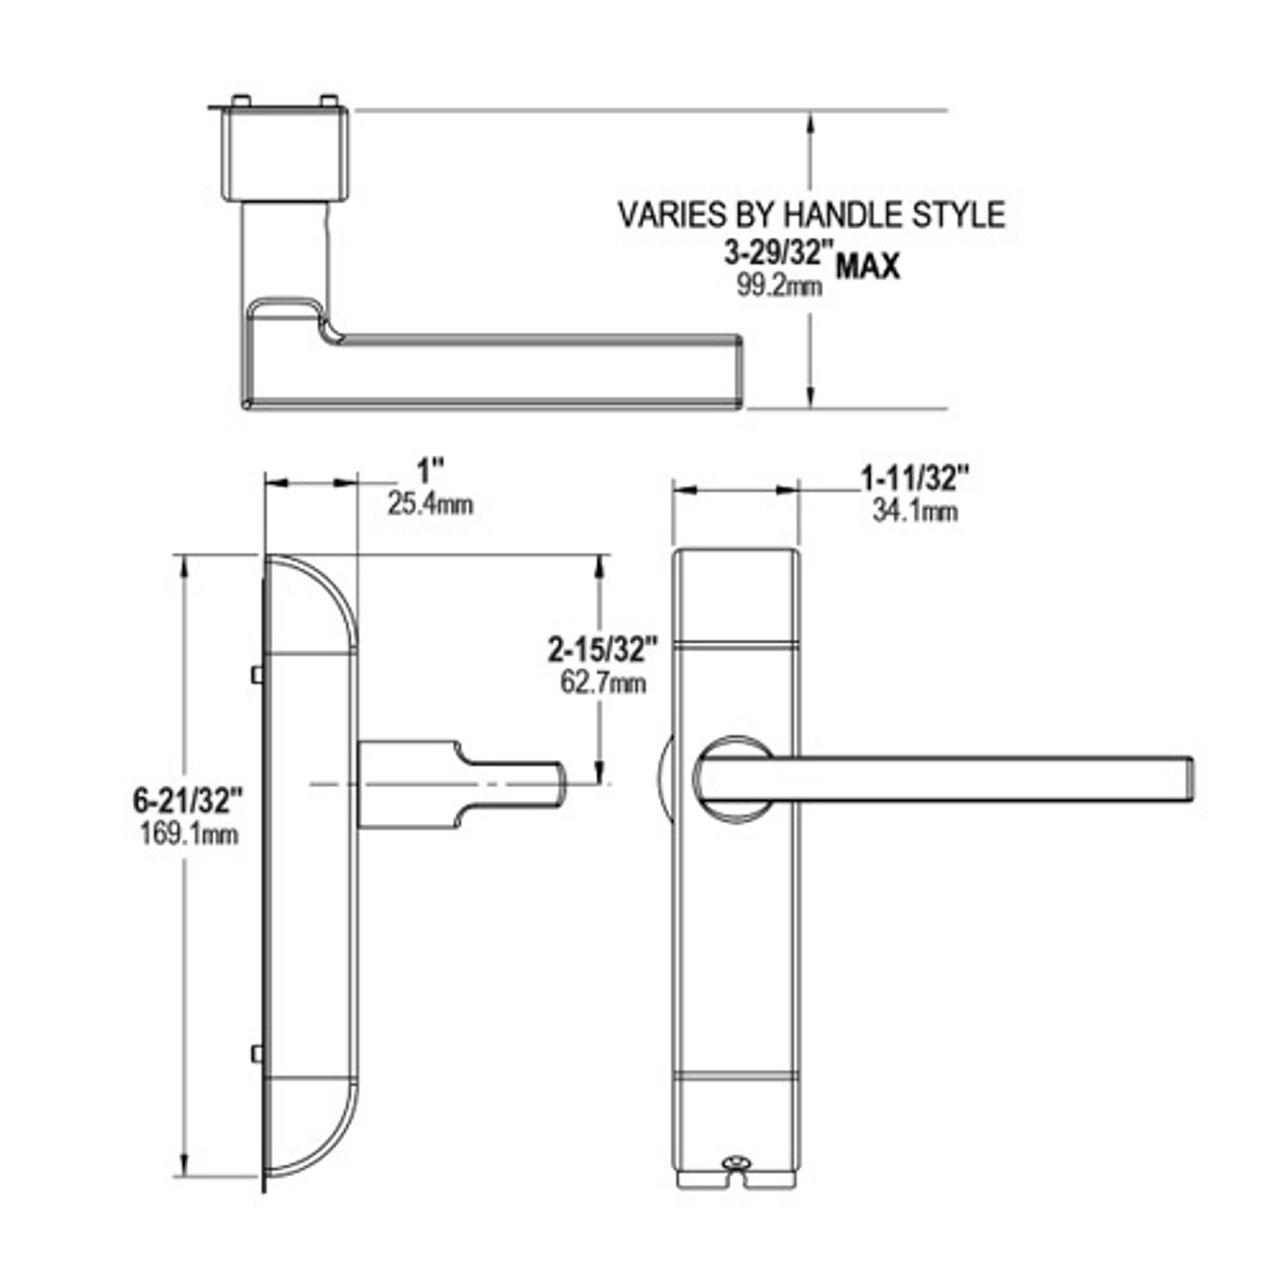 4600M-MG-532-US3 Adams Rite MG Designer handle Dimensional View